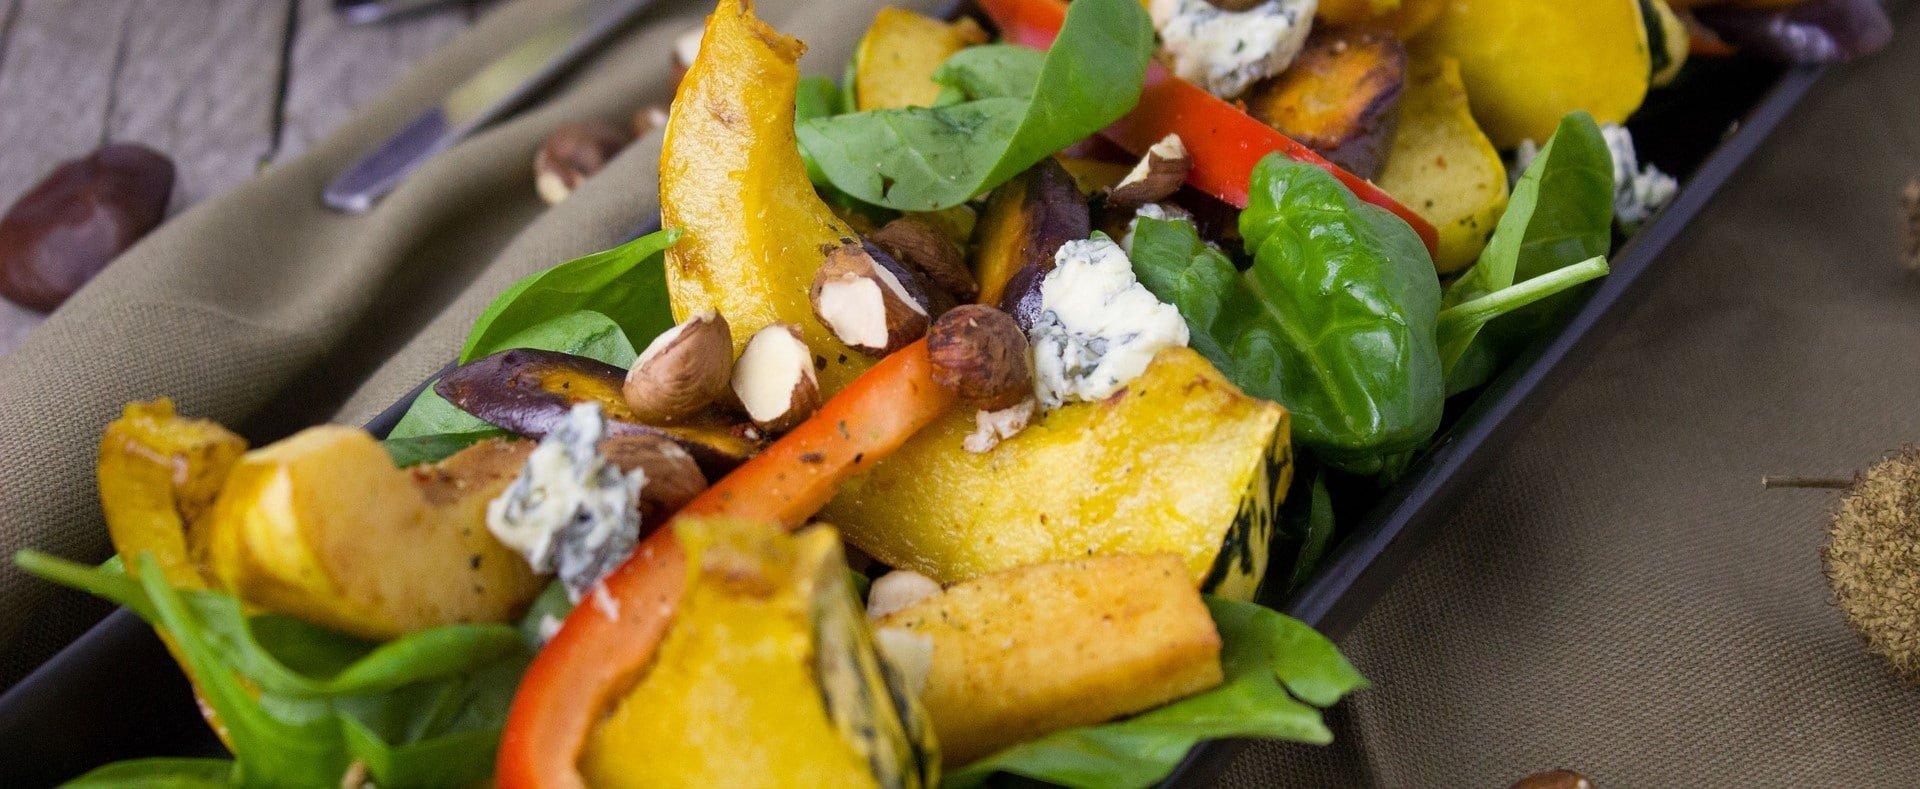 Kürbissalat mti Spinat, Gorgonzola und Haselnüssen